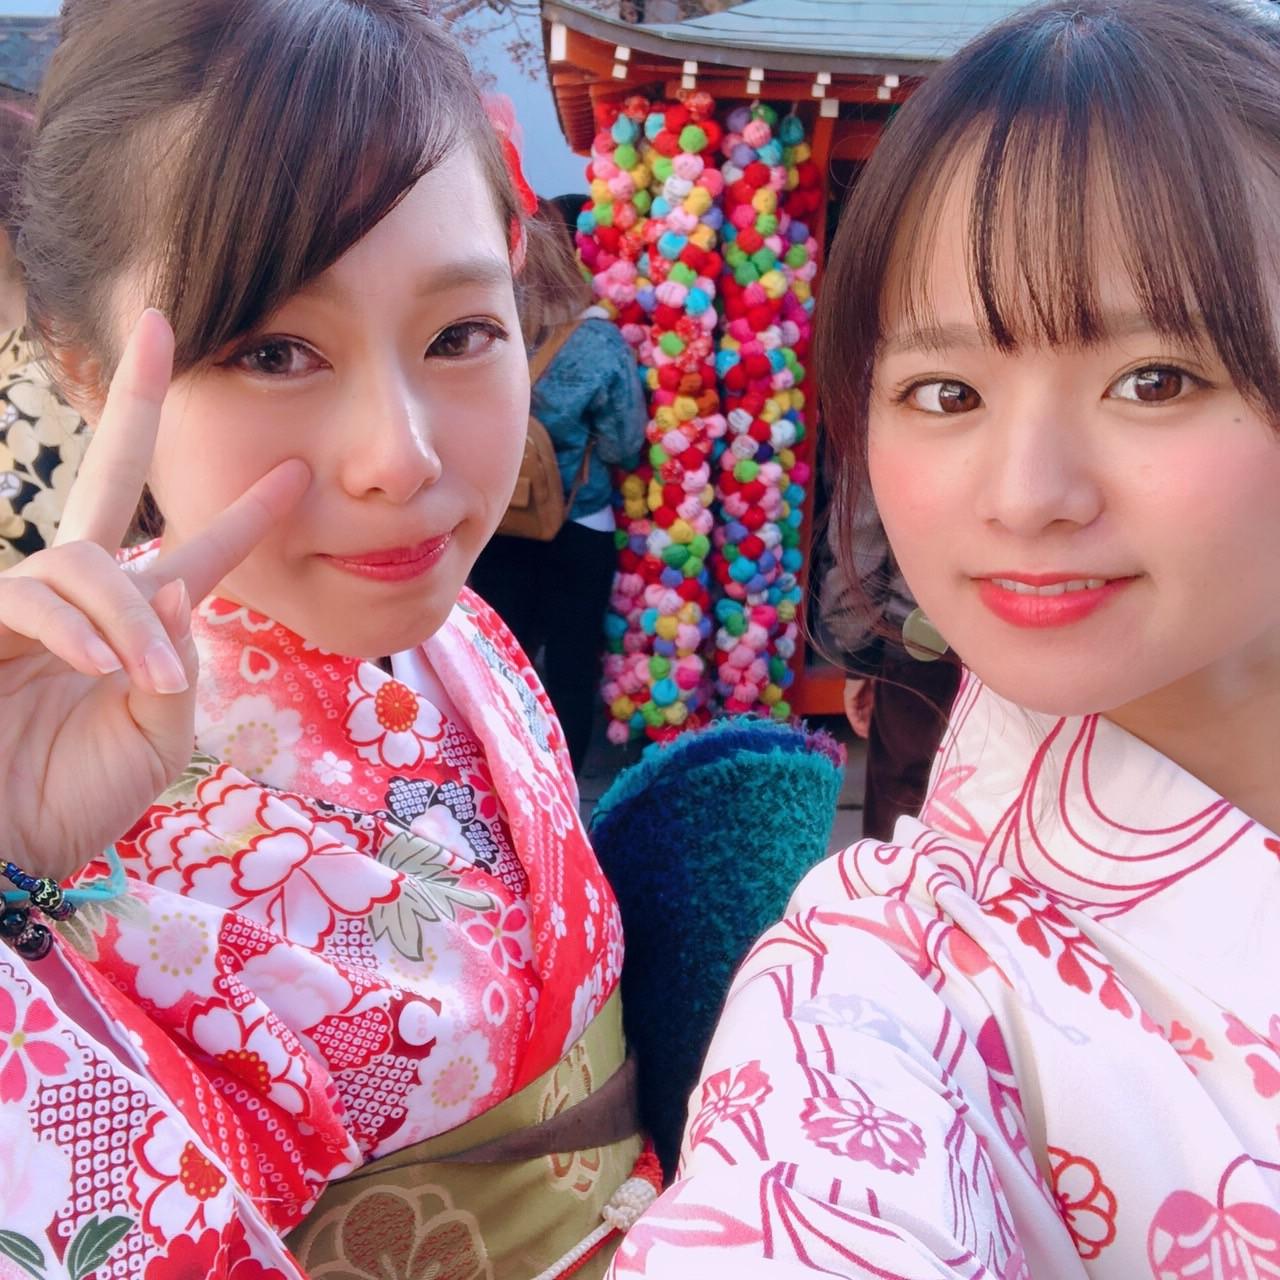 人気衰えない八坂庚申堂2019年1月27日5